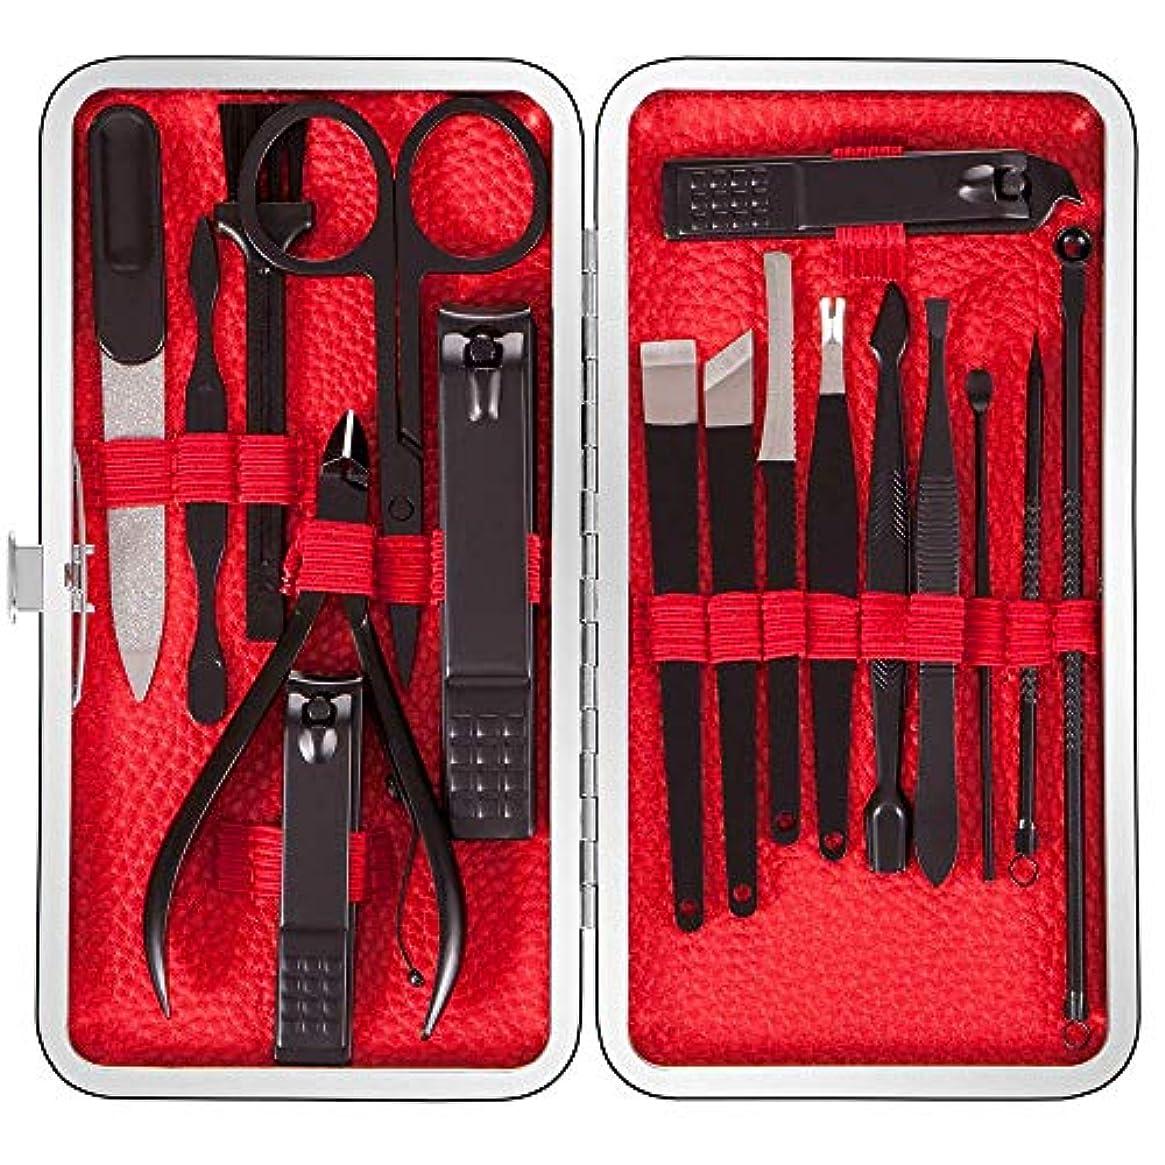 豊富に擁する僕のEmmabin 爪切りセット 多機能ステンレス製ネイルケアセット 手足爪磨き はさみ ニキビ取り 携帯便利 男女兼用 専用収納ケース付き